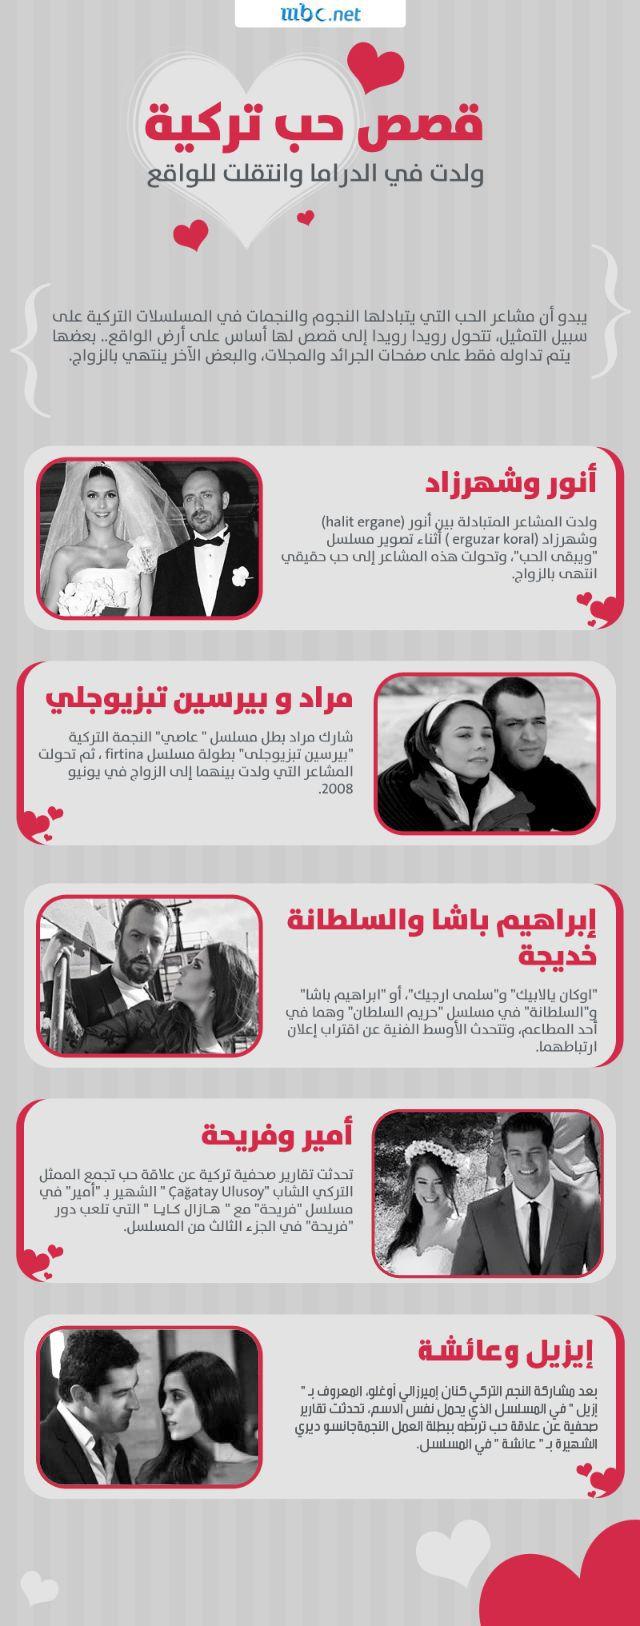 | اخبار الفن التركي والفن العربي 2013 | 11%D9%82%D8%B5%D8%B5-%D8%AD%D8%A8-%D8%AA%D8%B1%D9%83%D9%8A%D8%A9%20%282%29